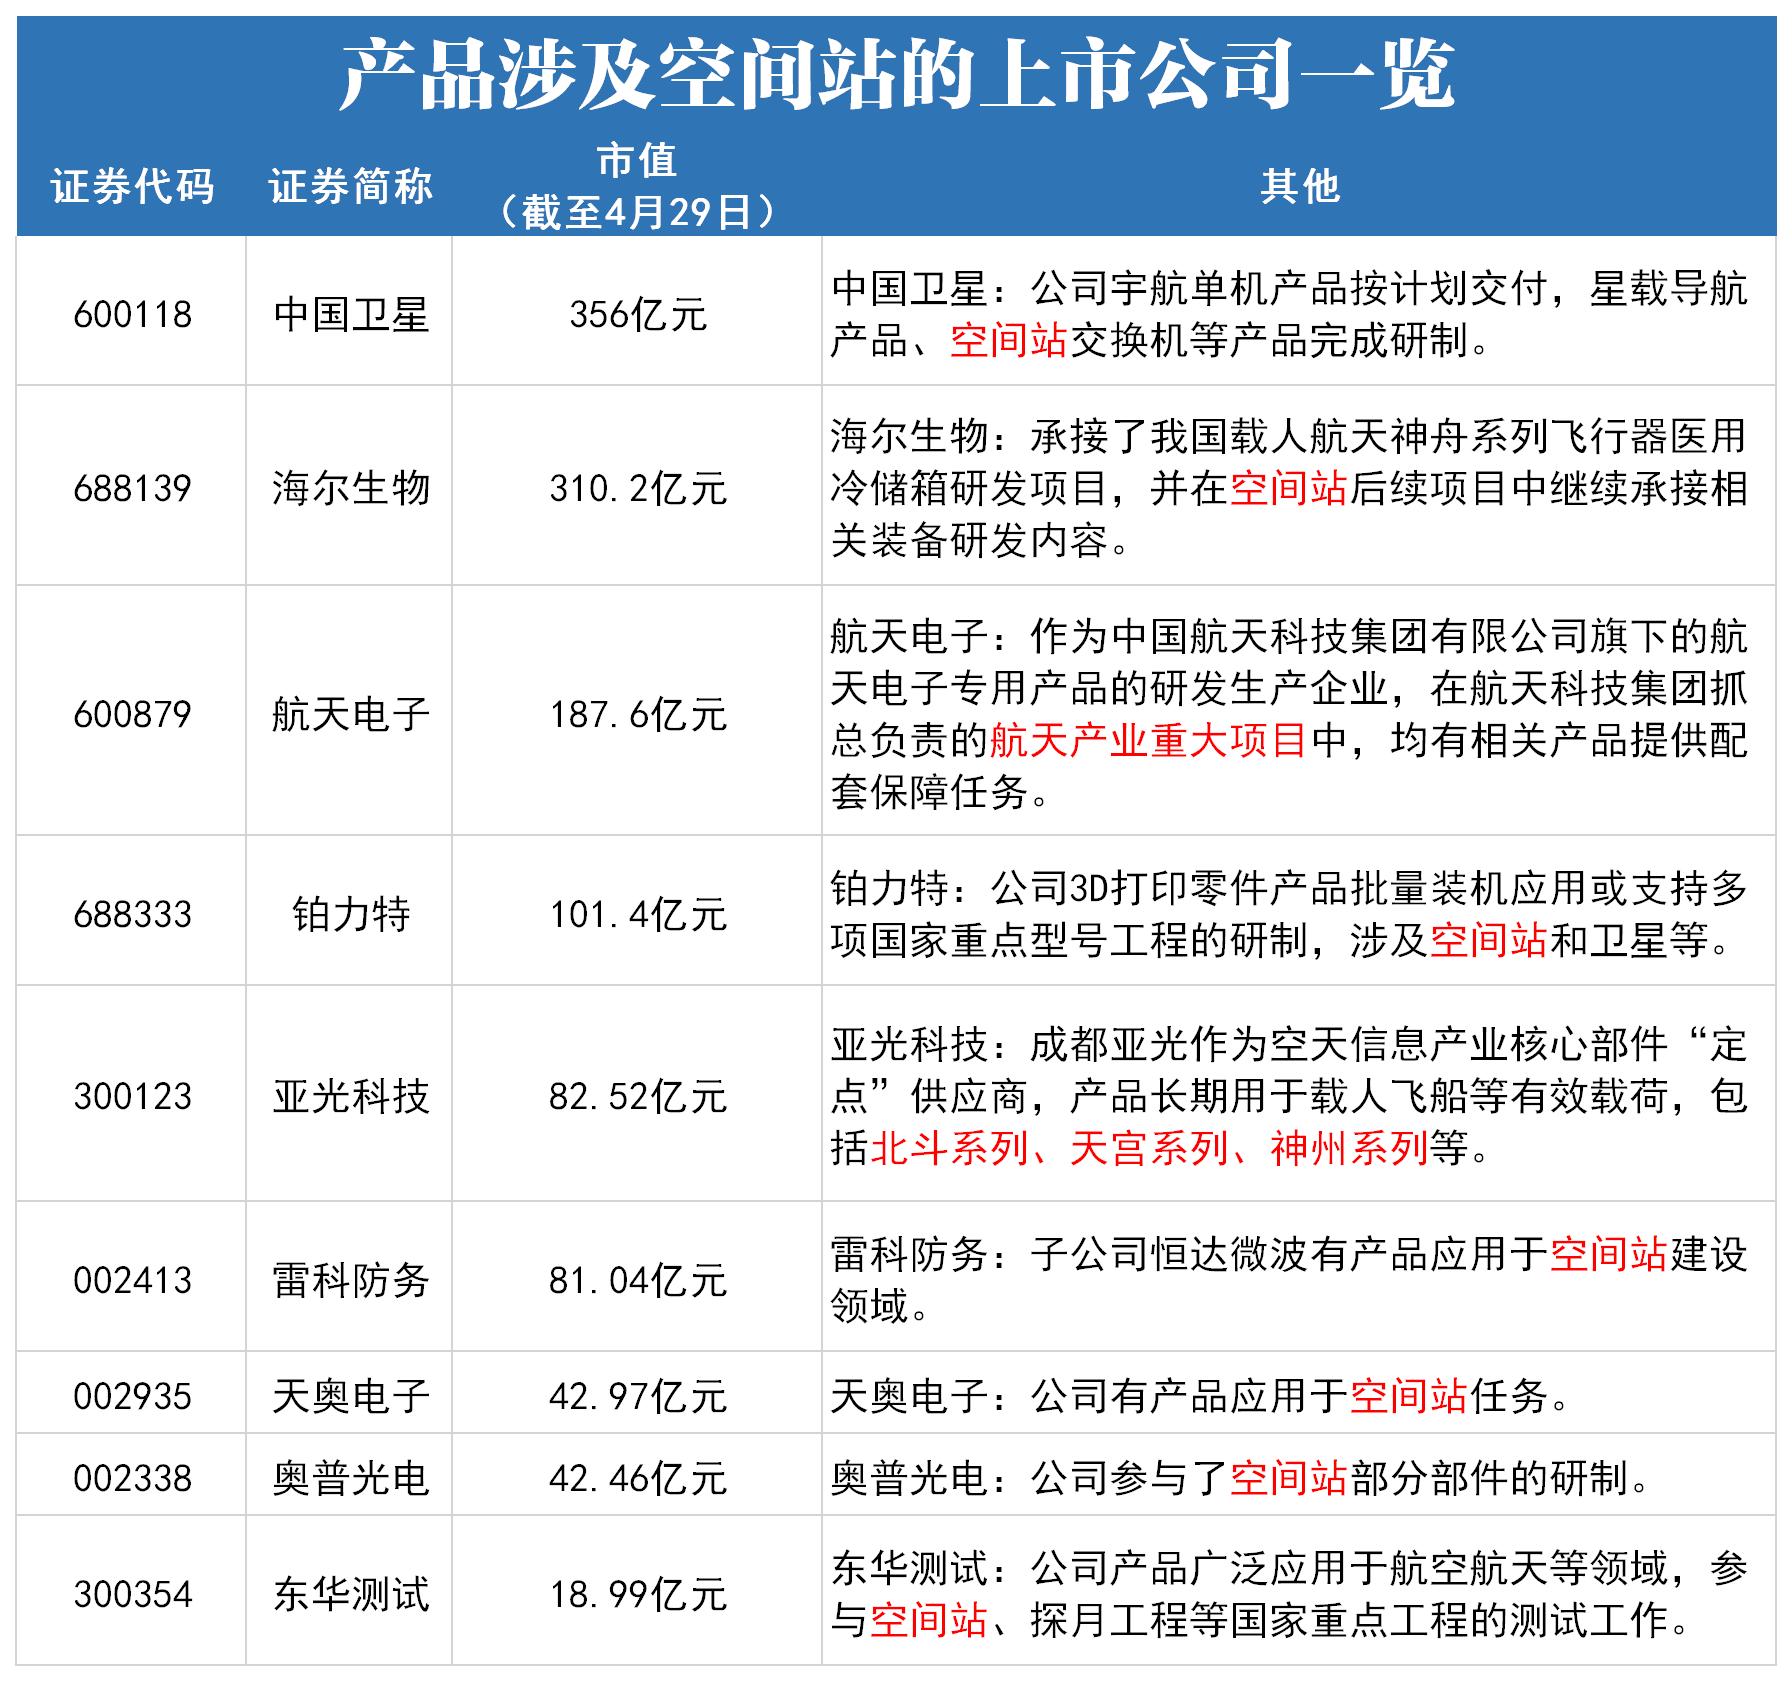 这些上市公司的产品都参与了中国空间站核心舱的发射(有股份)